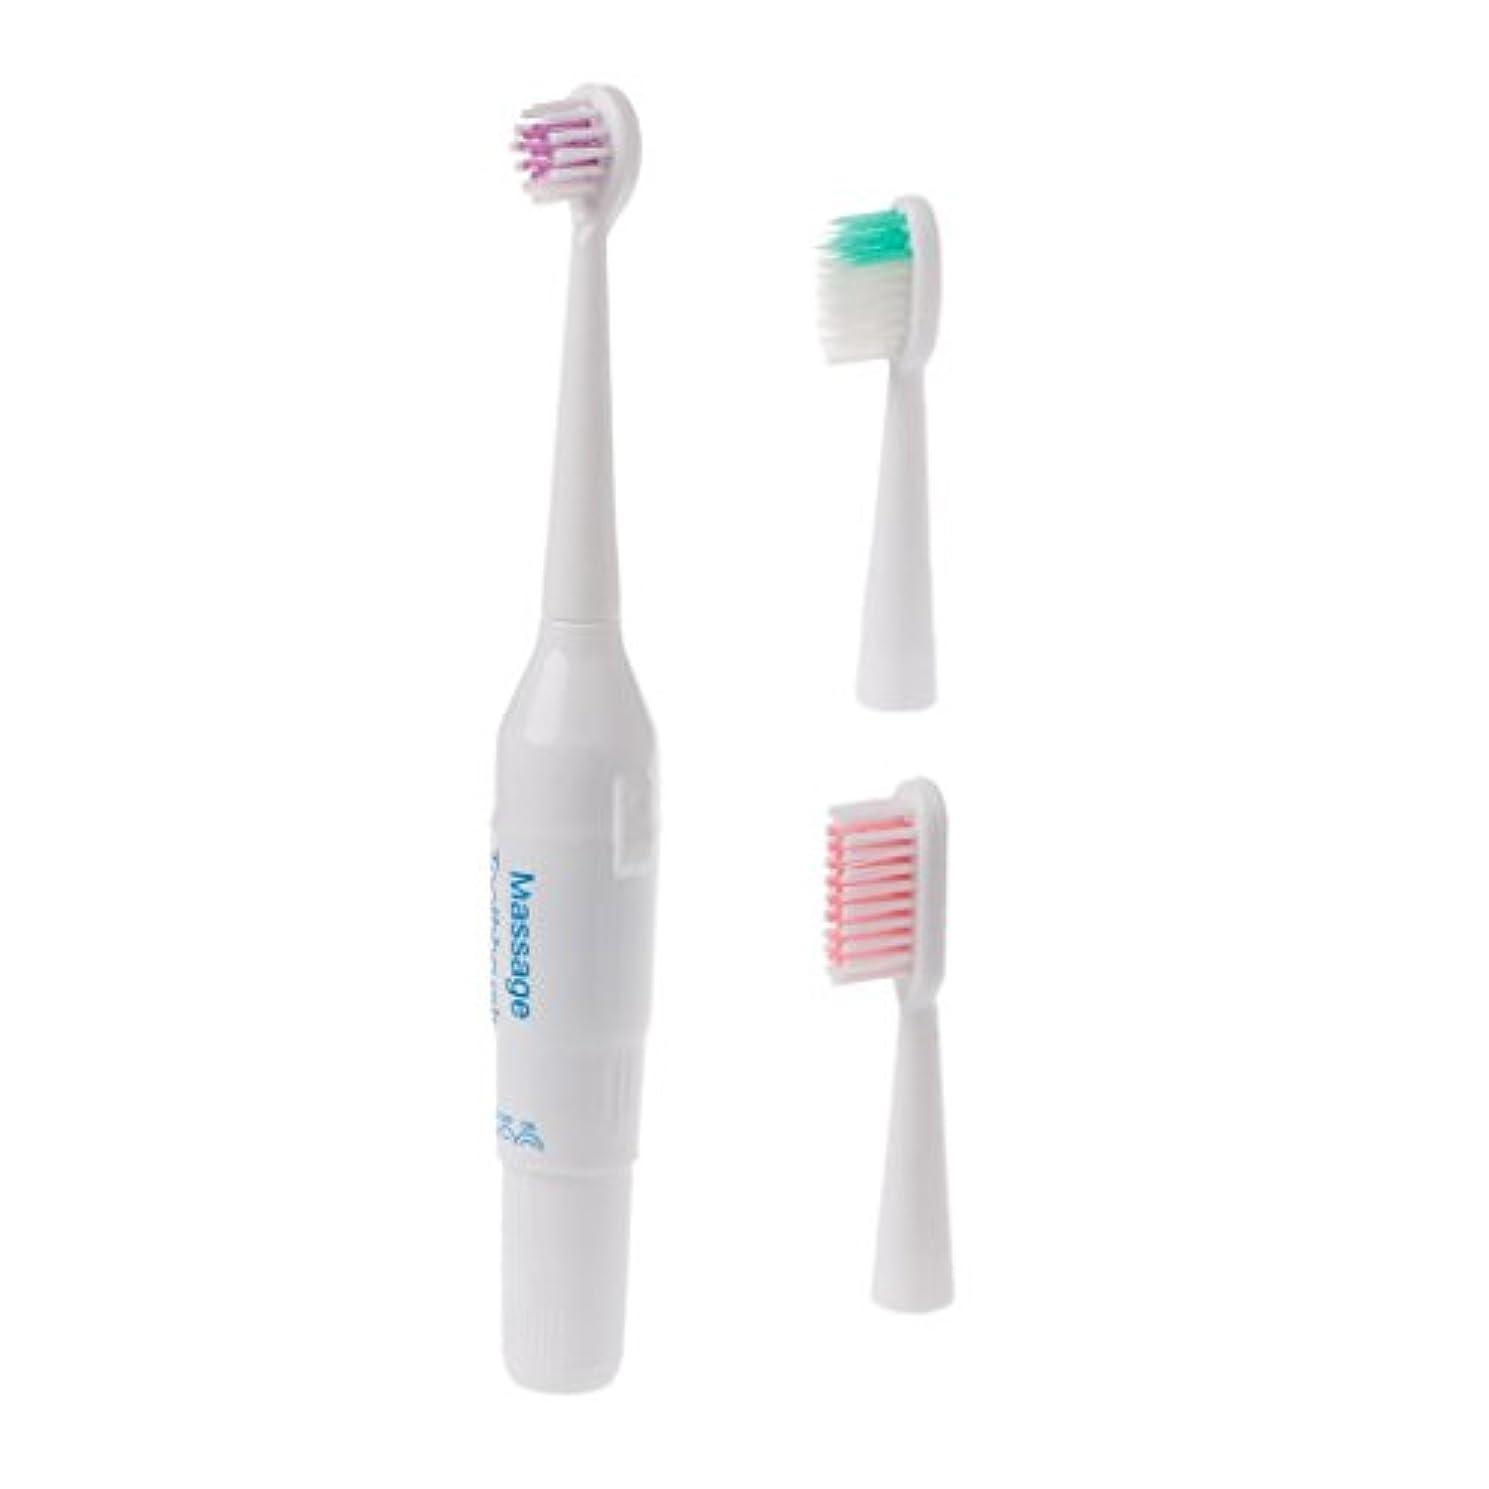 認めるのギャップManyao キッズプロフェッショナル口腔ケアクリーン電気歯ブラシパワーベビー用歯ブラシ